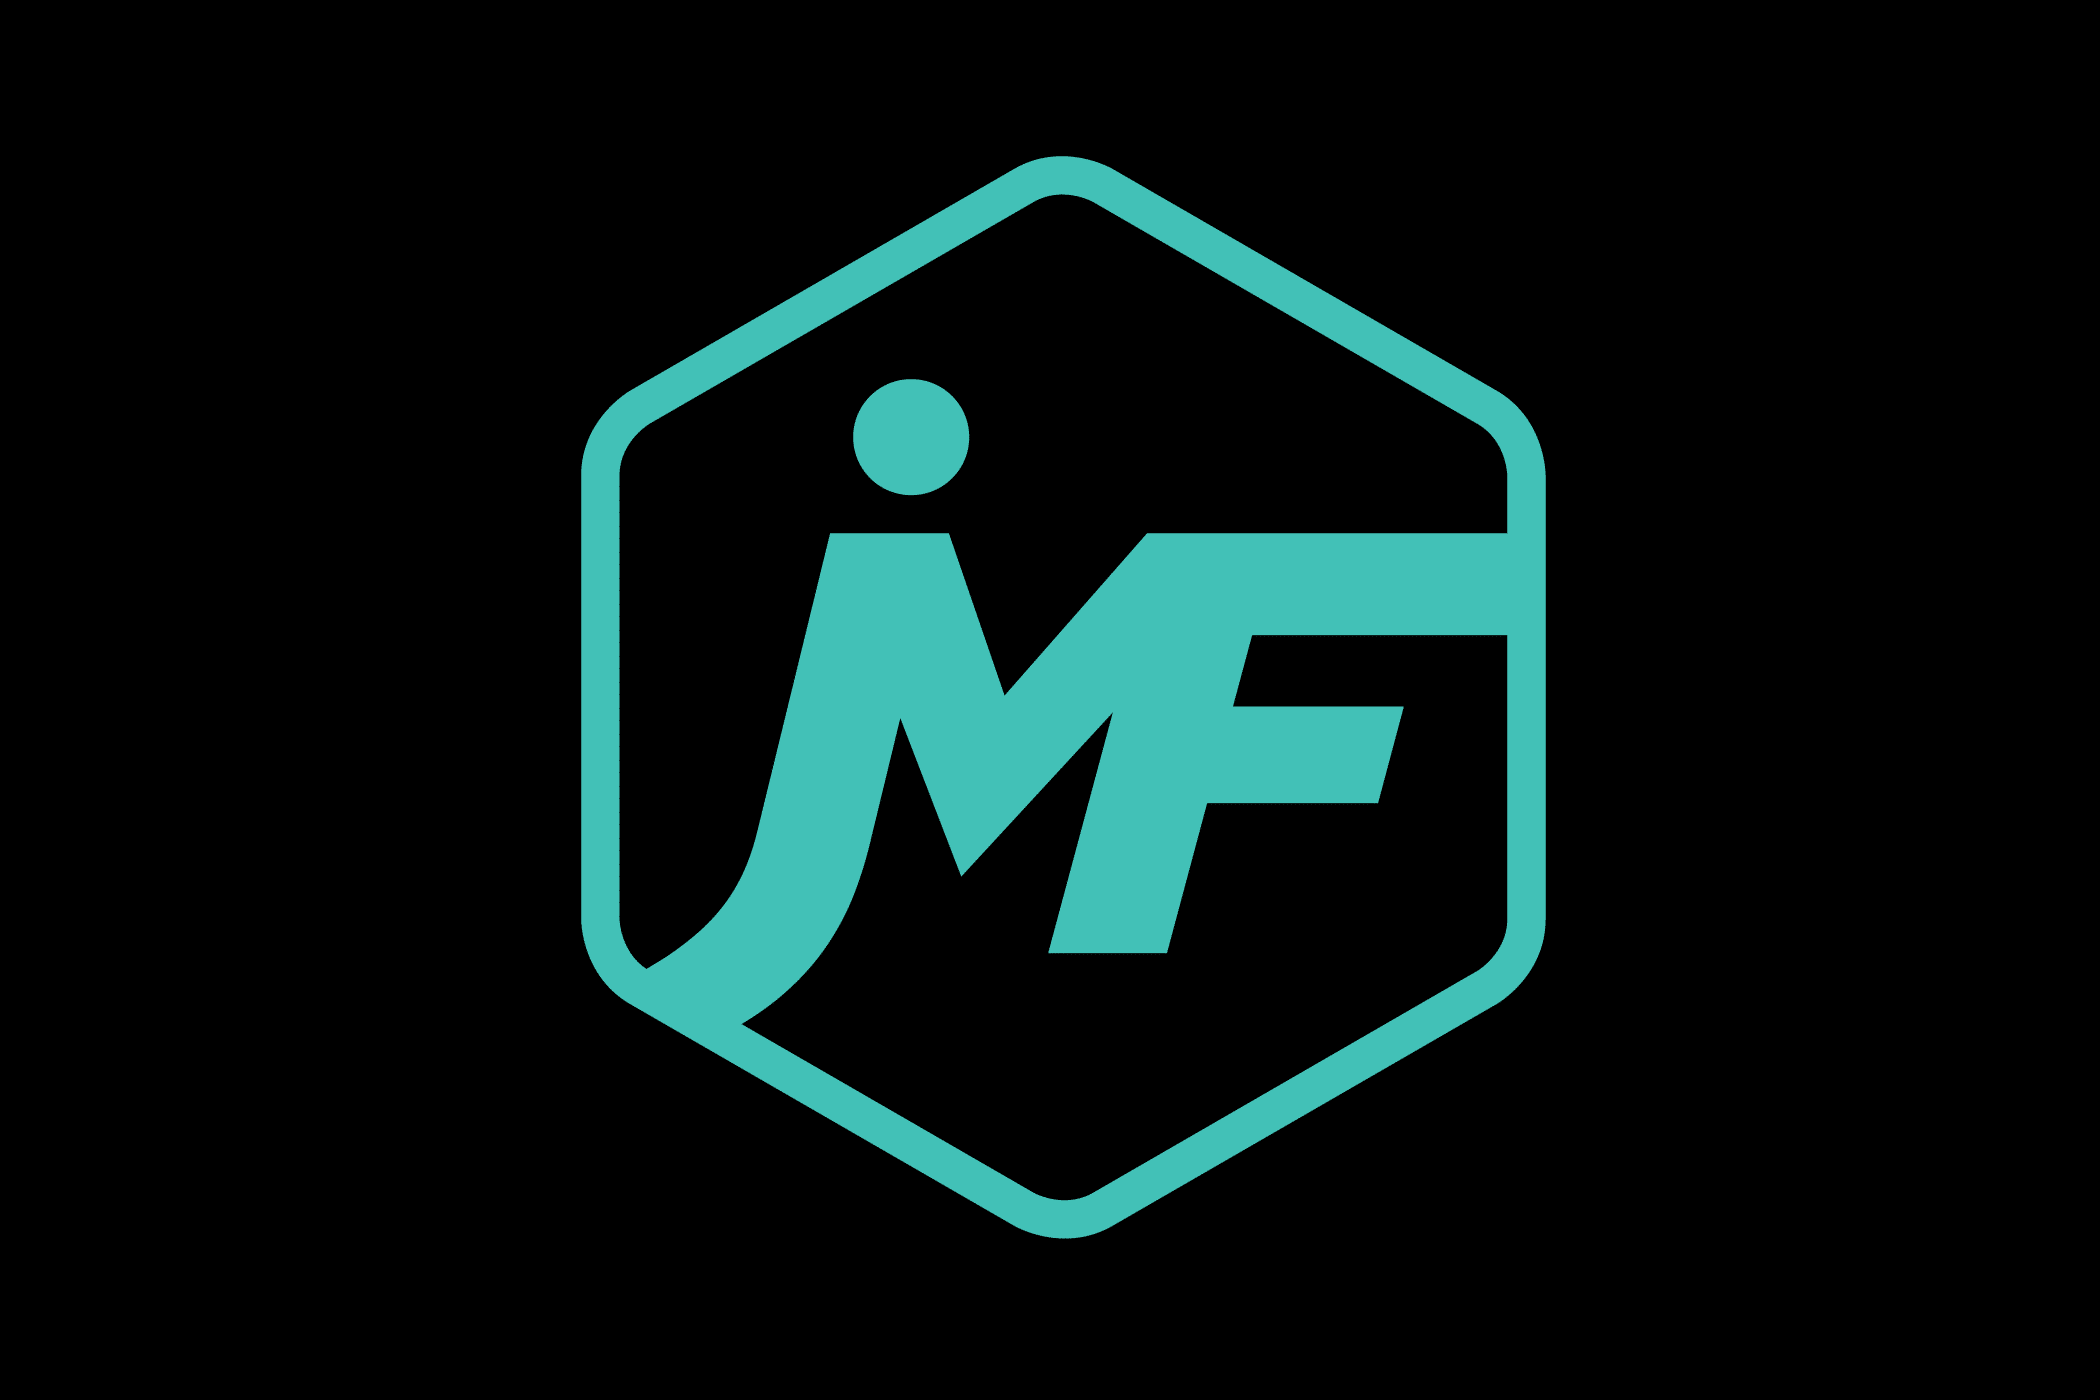 JMF-Logo